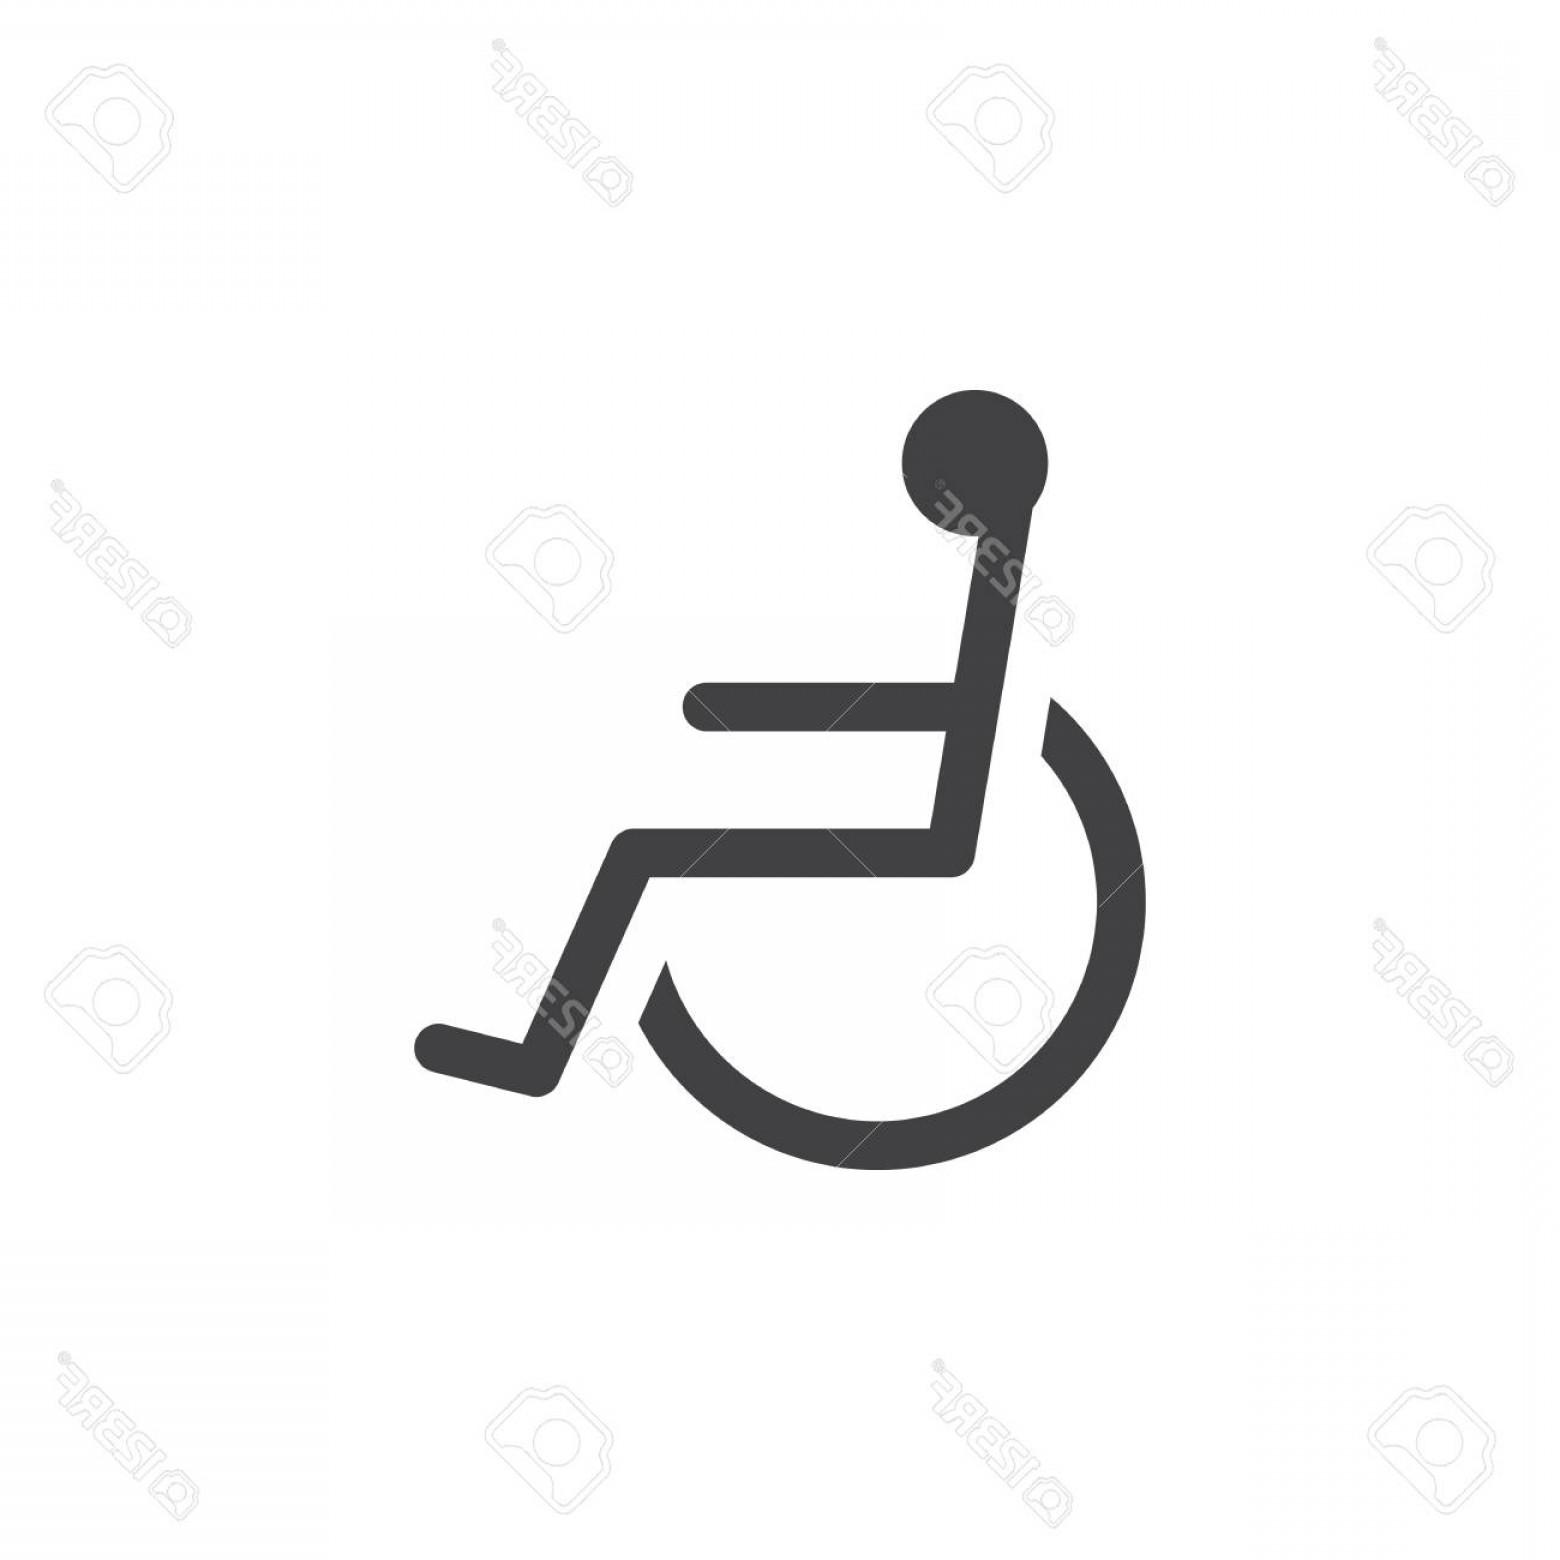 1560x1560 Handicap Symbol Vector Shopatcloth